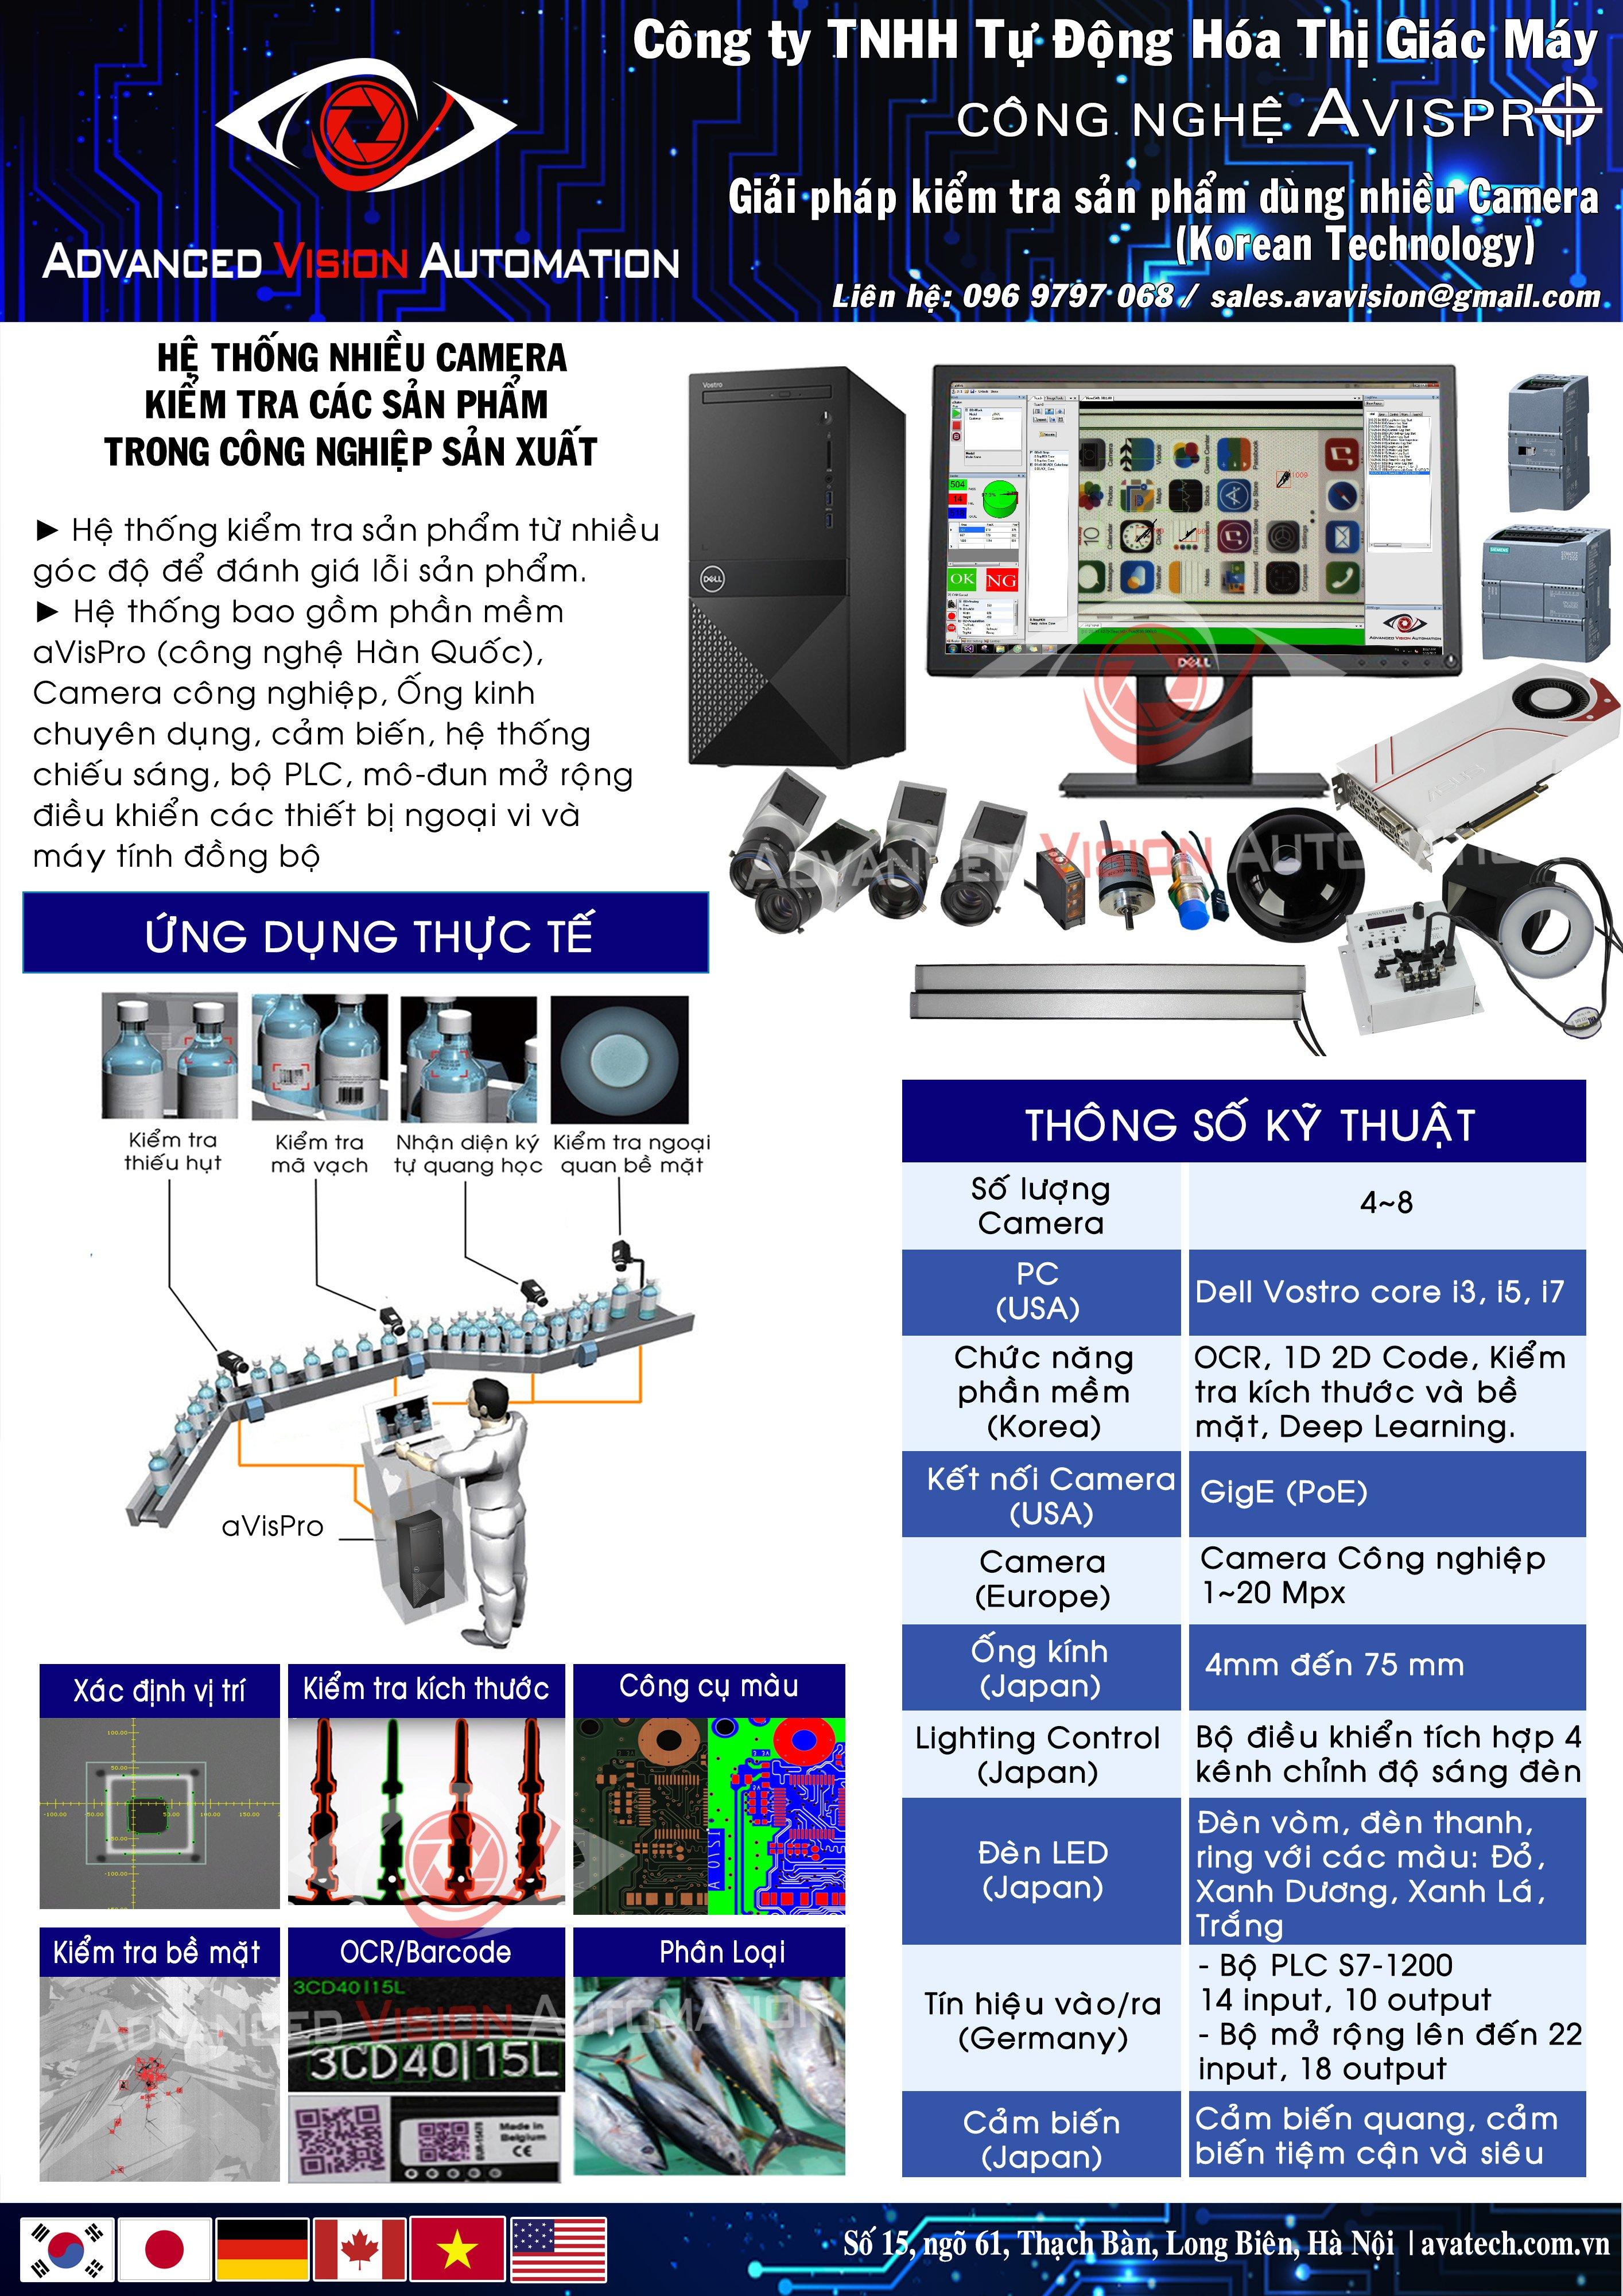 Hệ thống kiểm tra nhiều camera VD4000